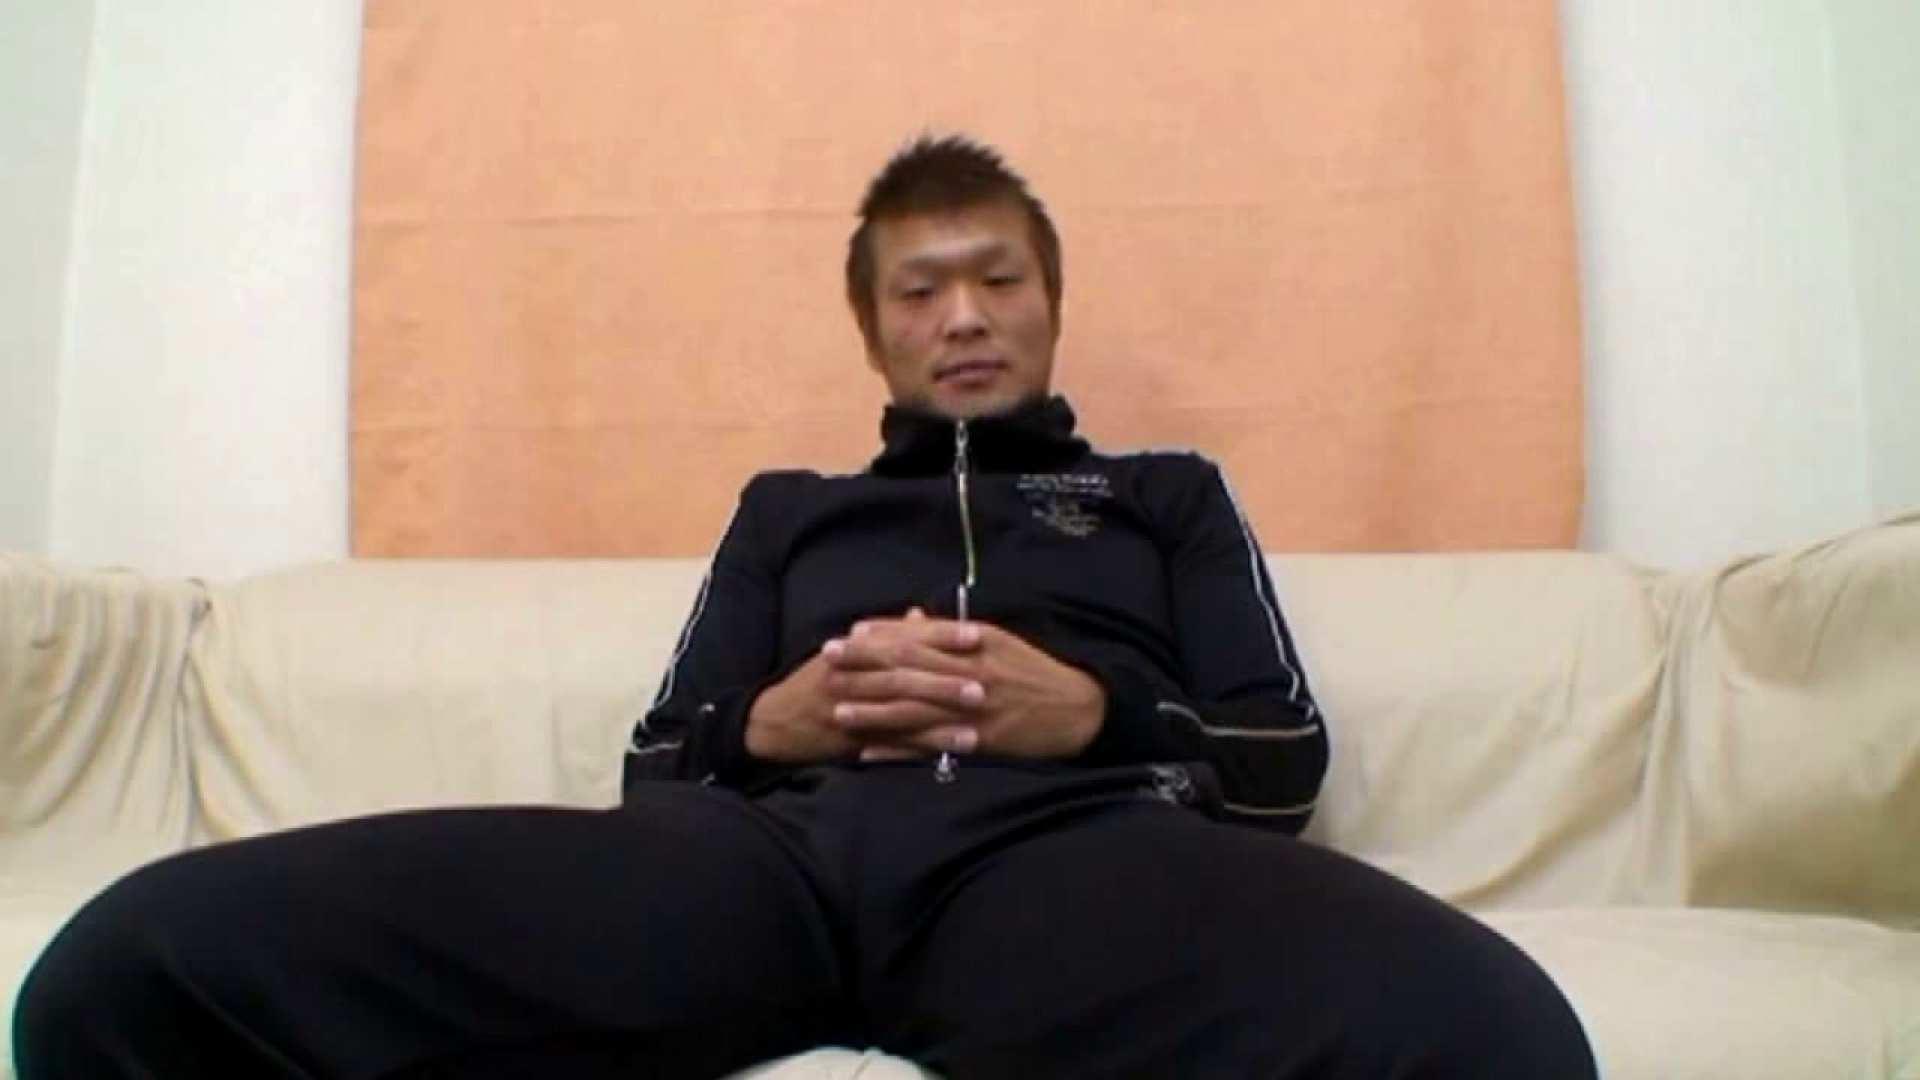 ノンケ!自慰スタジオ No.31 ゲイの自慰 ゲイ丸見え画像 102pic 35